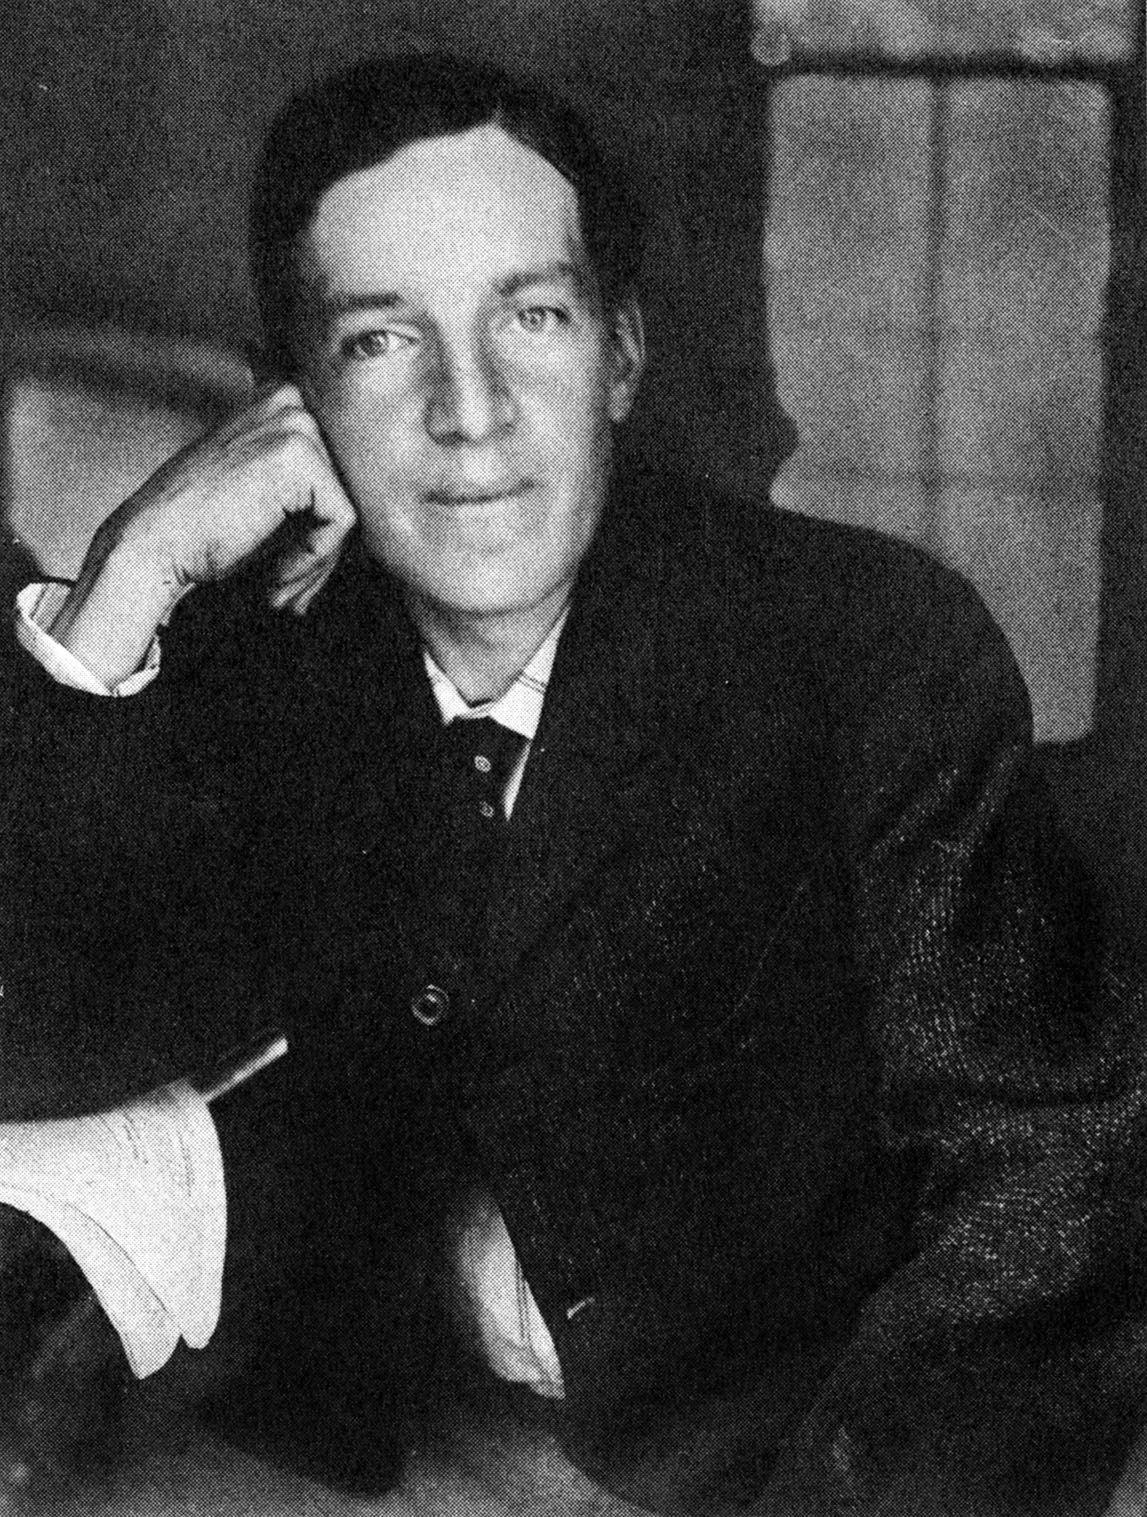 Upton Sinclair c. 1906